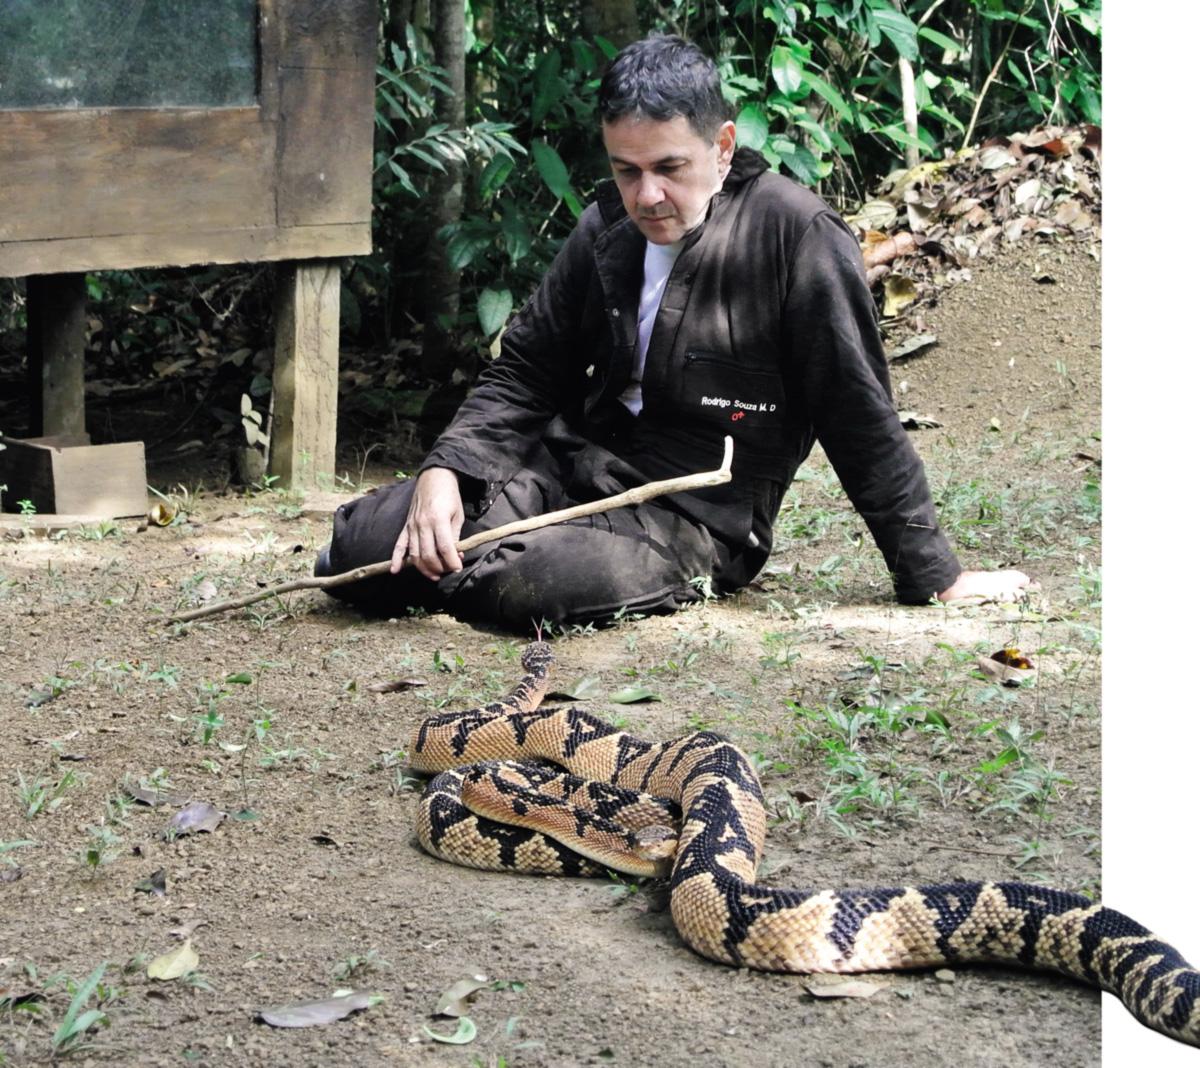 """Rodrigo Souza soltou duas surucucus numa área aberta de seu serpentário. Um macho de 2,20 metros rastejou em sua direção antes de se lançar num voo preciso rumo ao seu rosto. """"Não estou entendendo exatamente o que está acontecendo"""""""